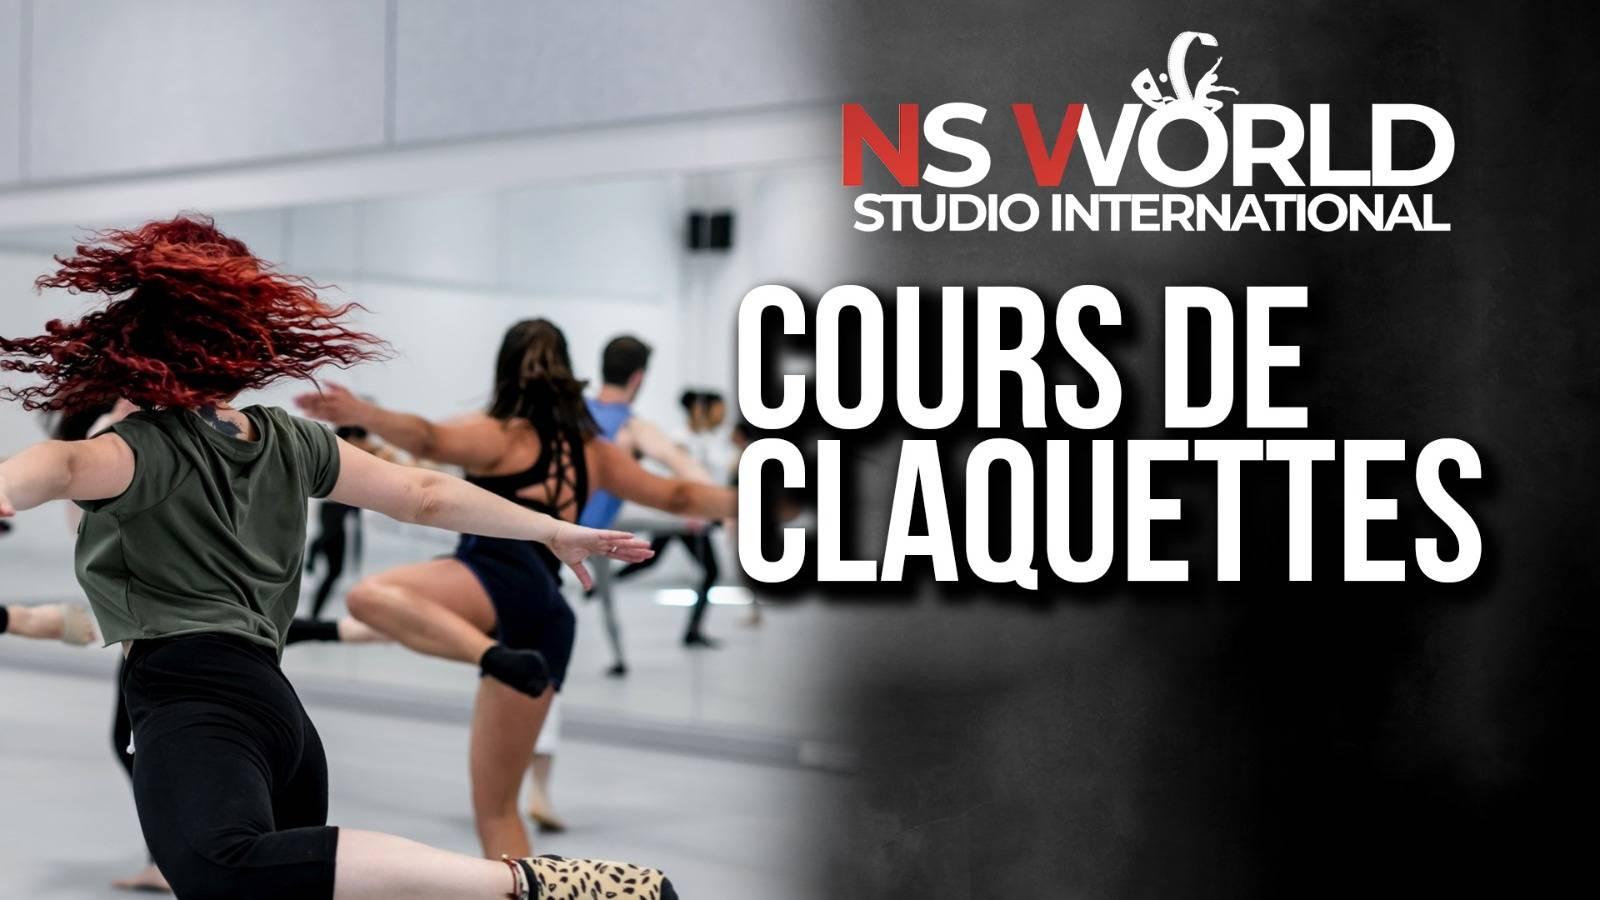 Cours De Claquettes Formation Professionnelle En Comédie Musicale Sur Paris Centre Ecole De Comédie Musicale à Paris Ns World Formations Comédies Musicales